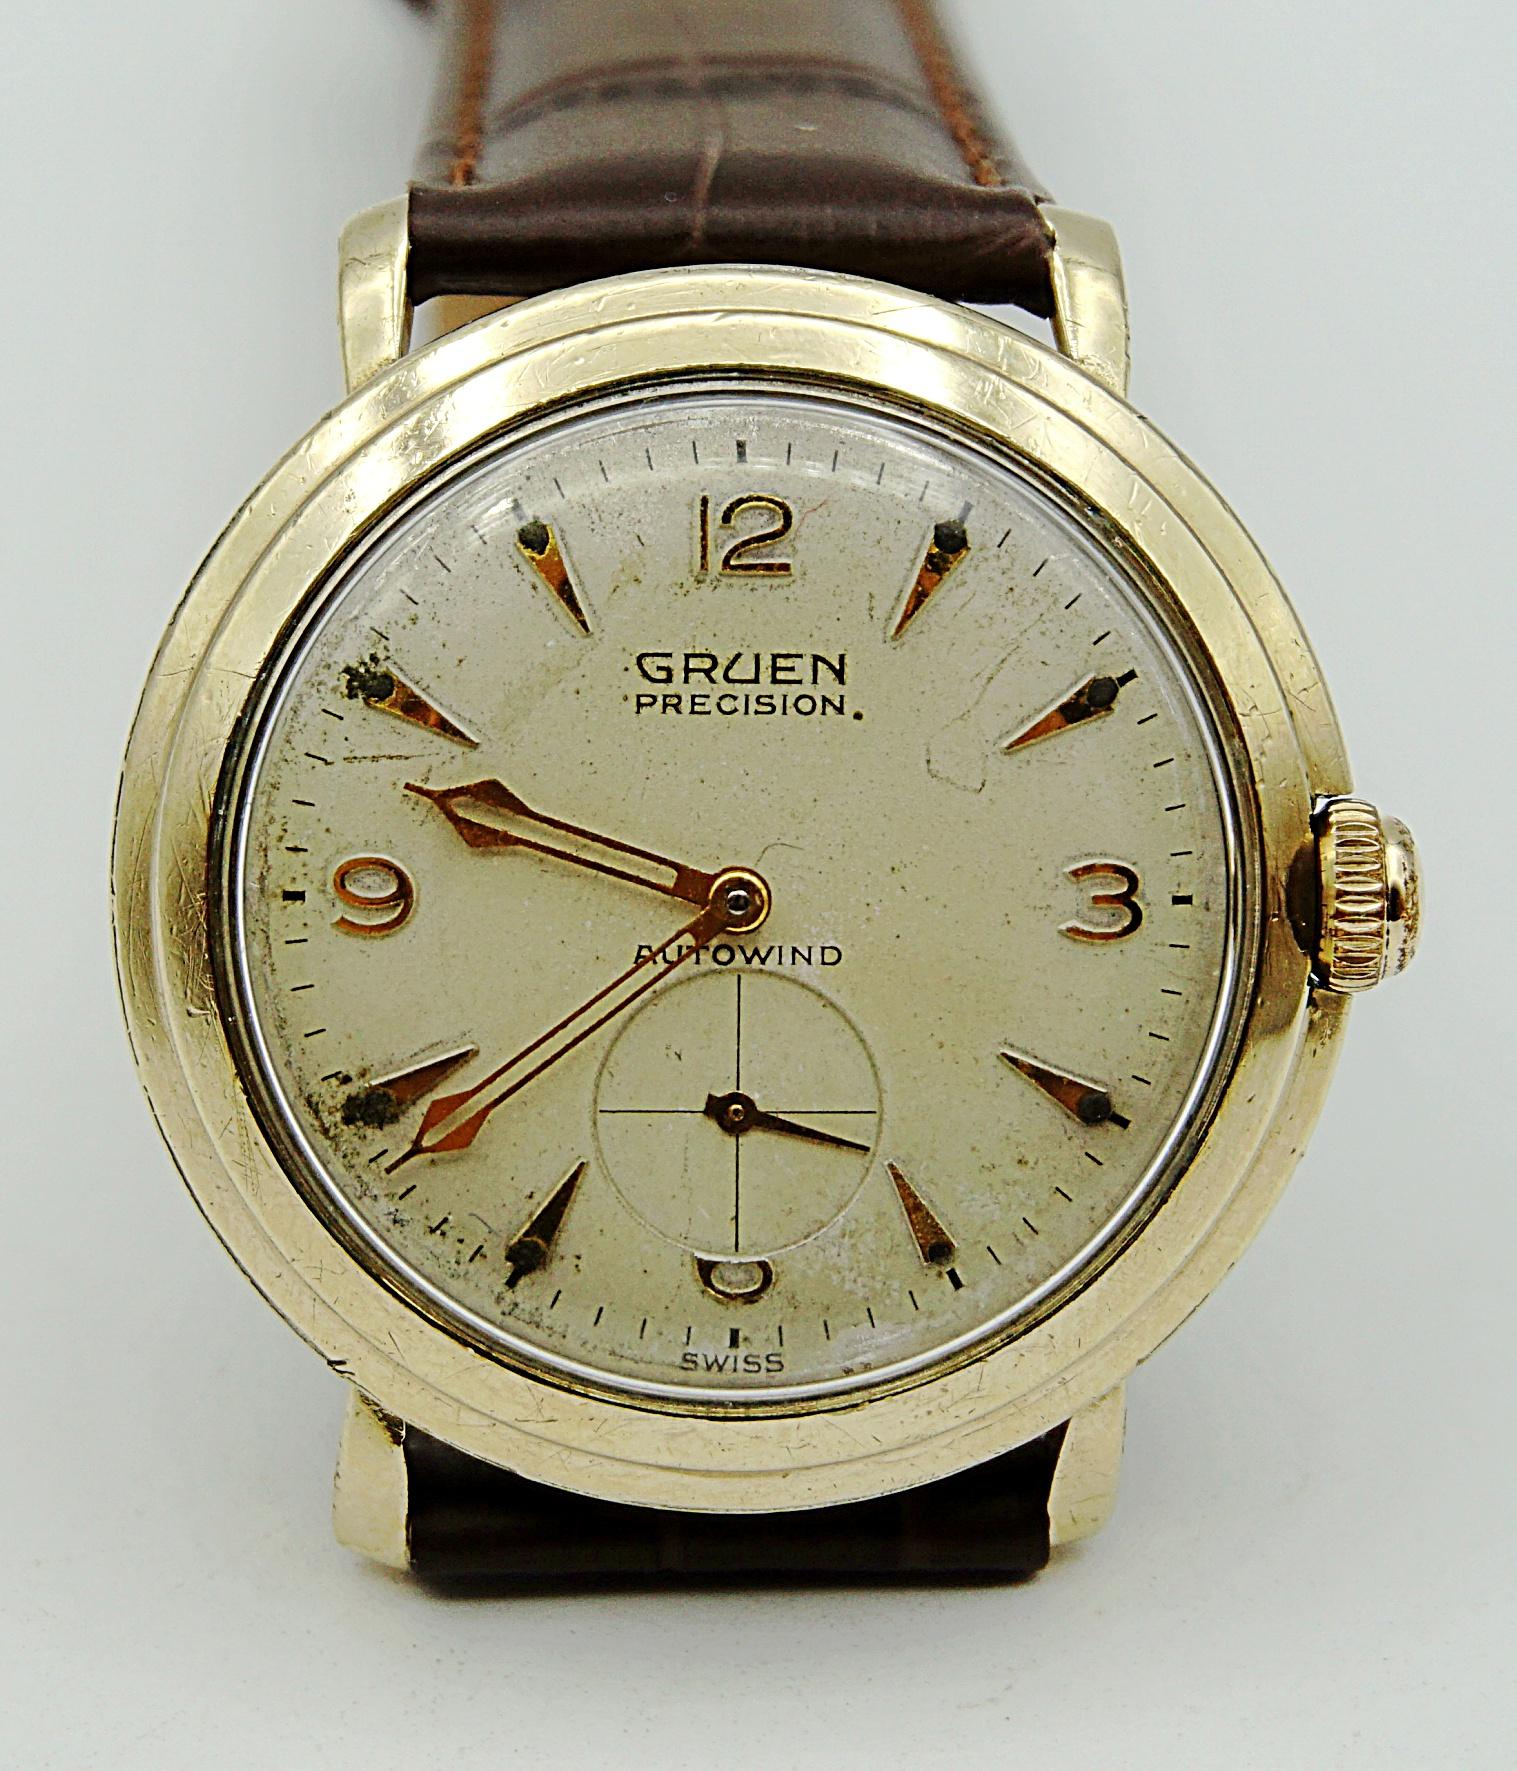 นาฬิกาเก่า GRUEN ออโตเมติกสองเข็มครึ่ง